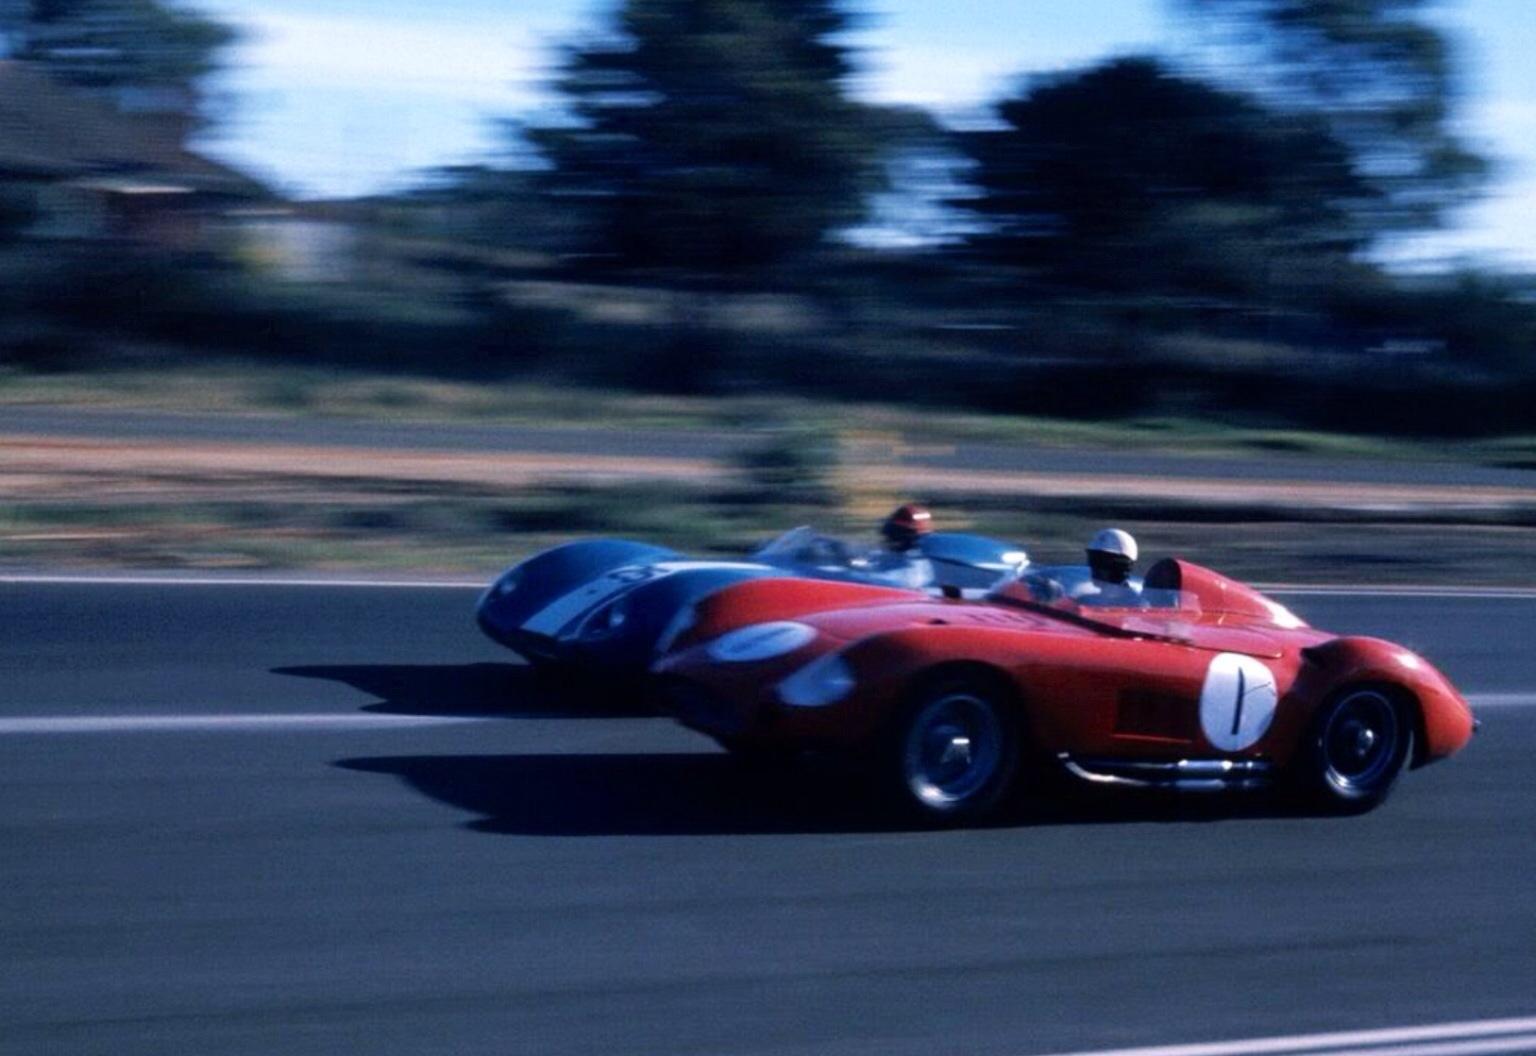 Derek bridgett midget car speedway